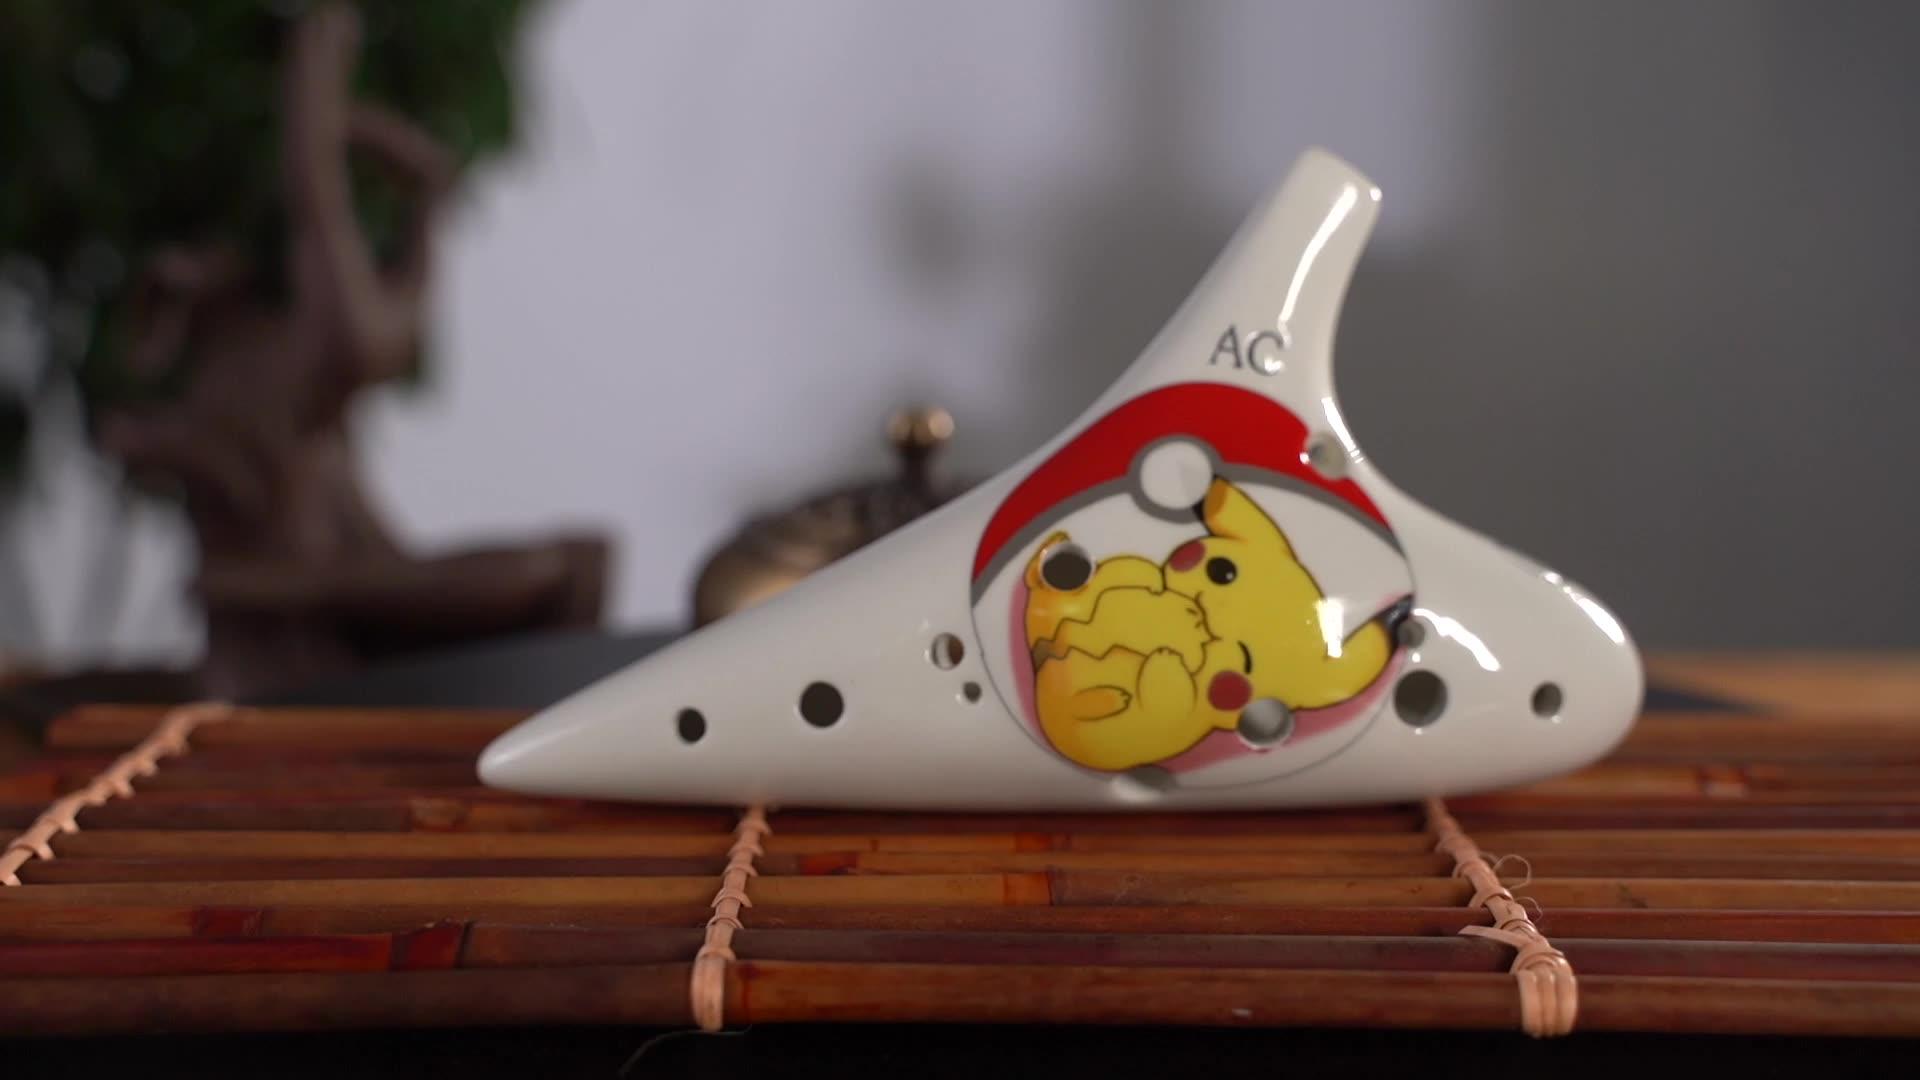 Cerâmica ocarina produção fabricante atacado 12 buraco cerâmica flauta Iniciante instrumento